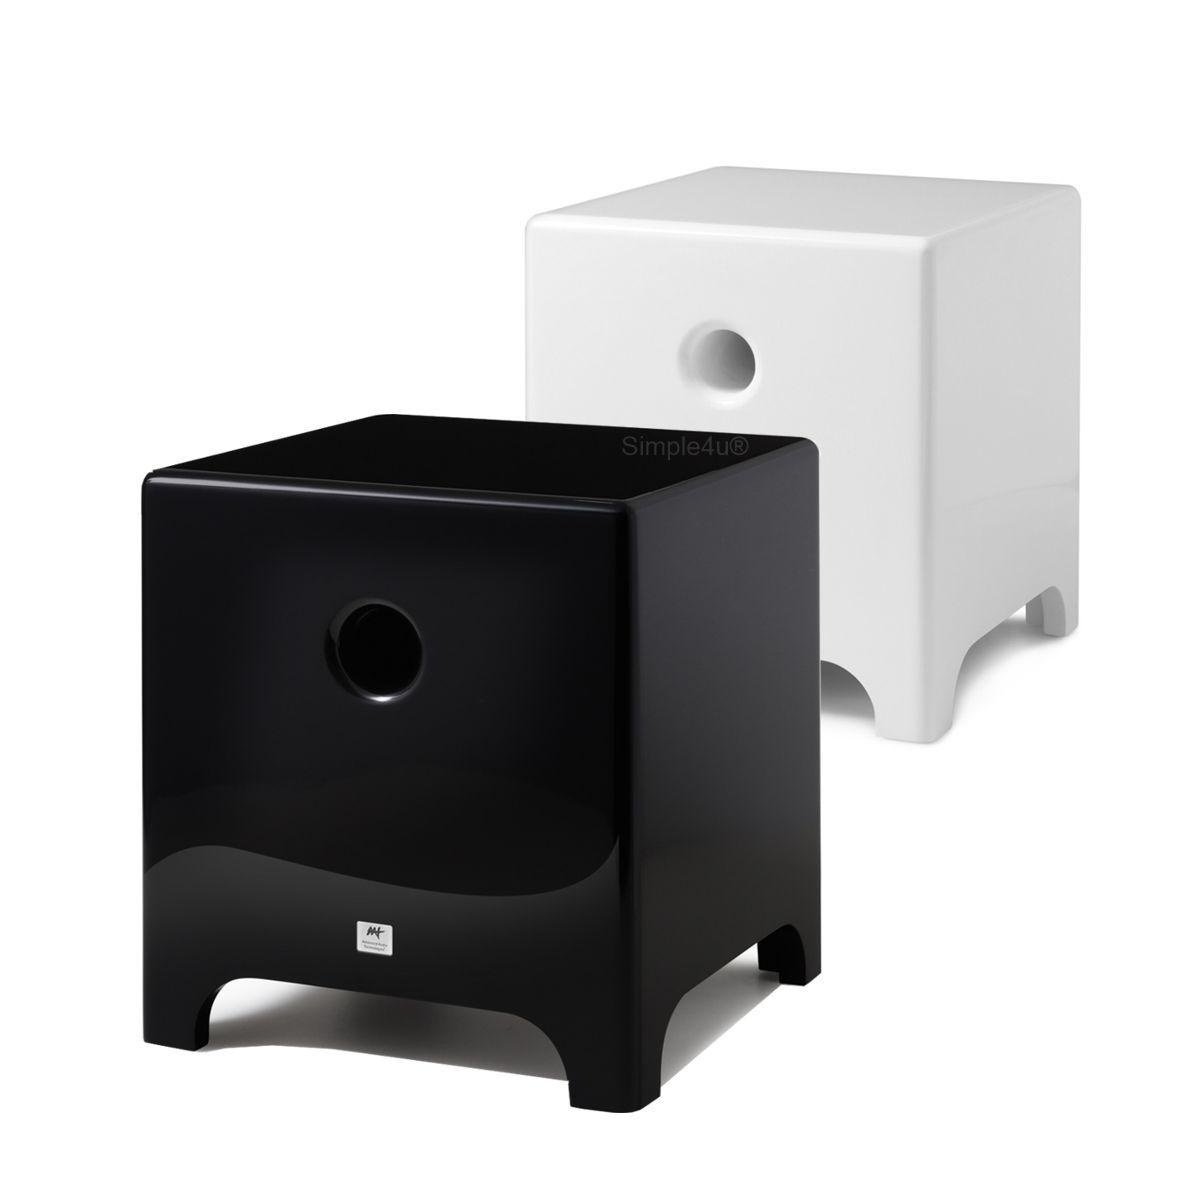 Kit 5.1 Caixa Acústica Bookshelf BSF-100 + Caixa de Embutir LR-E100 + Subwoofer Cube Modern 8 AAT